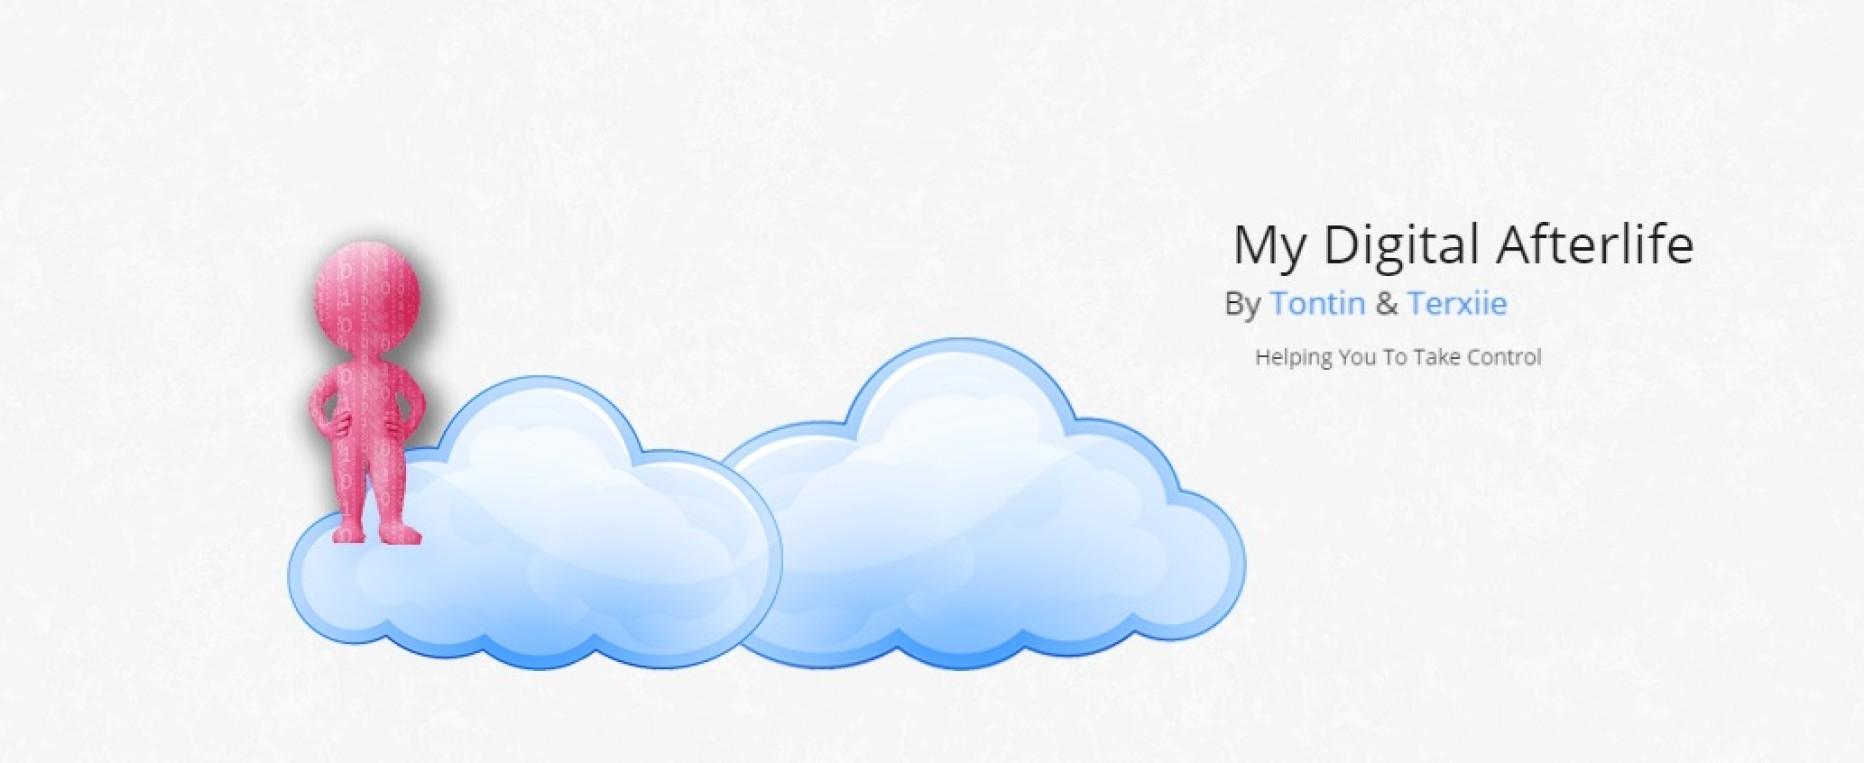 My Digital Afterlife Keeps Your Passwords Safe